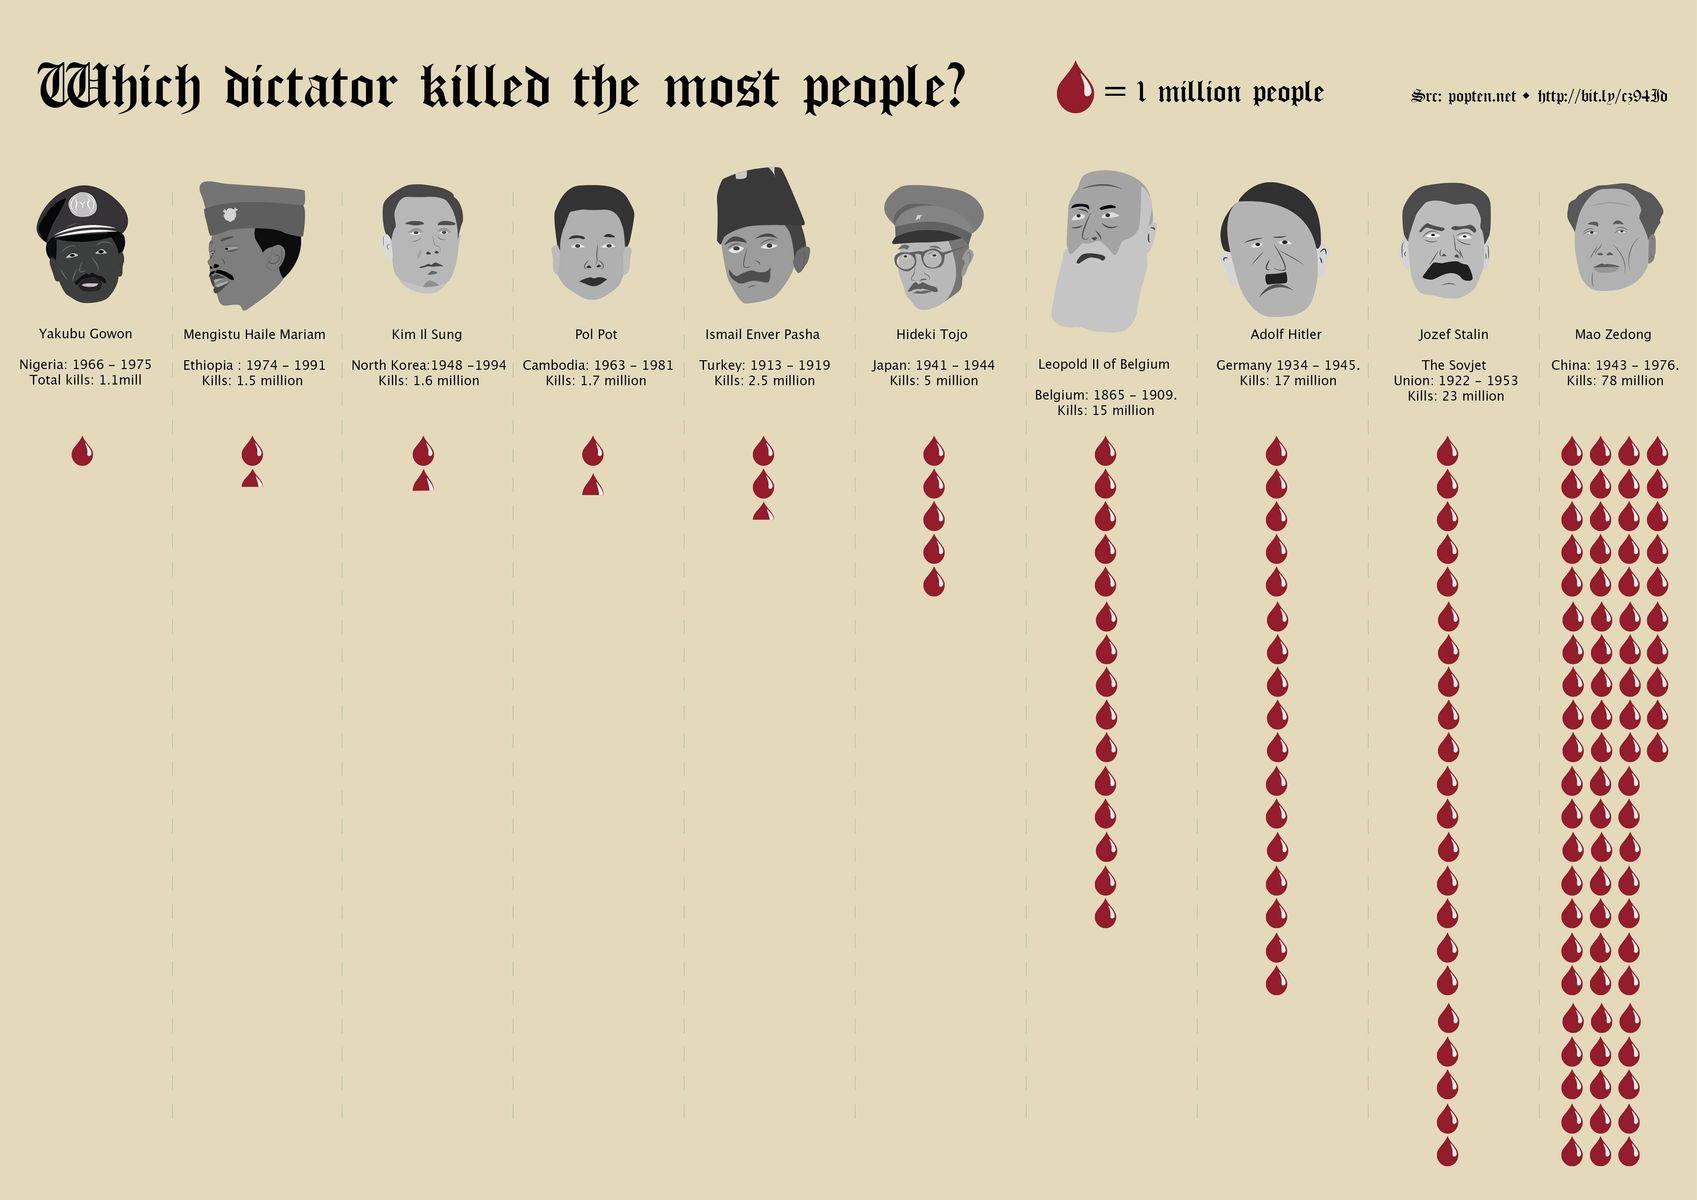 インフォグラフィック:独裁者たちが犯した大量虐殺。世界最悪の犠牲者数は7,800万人!